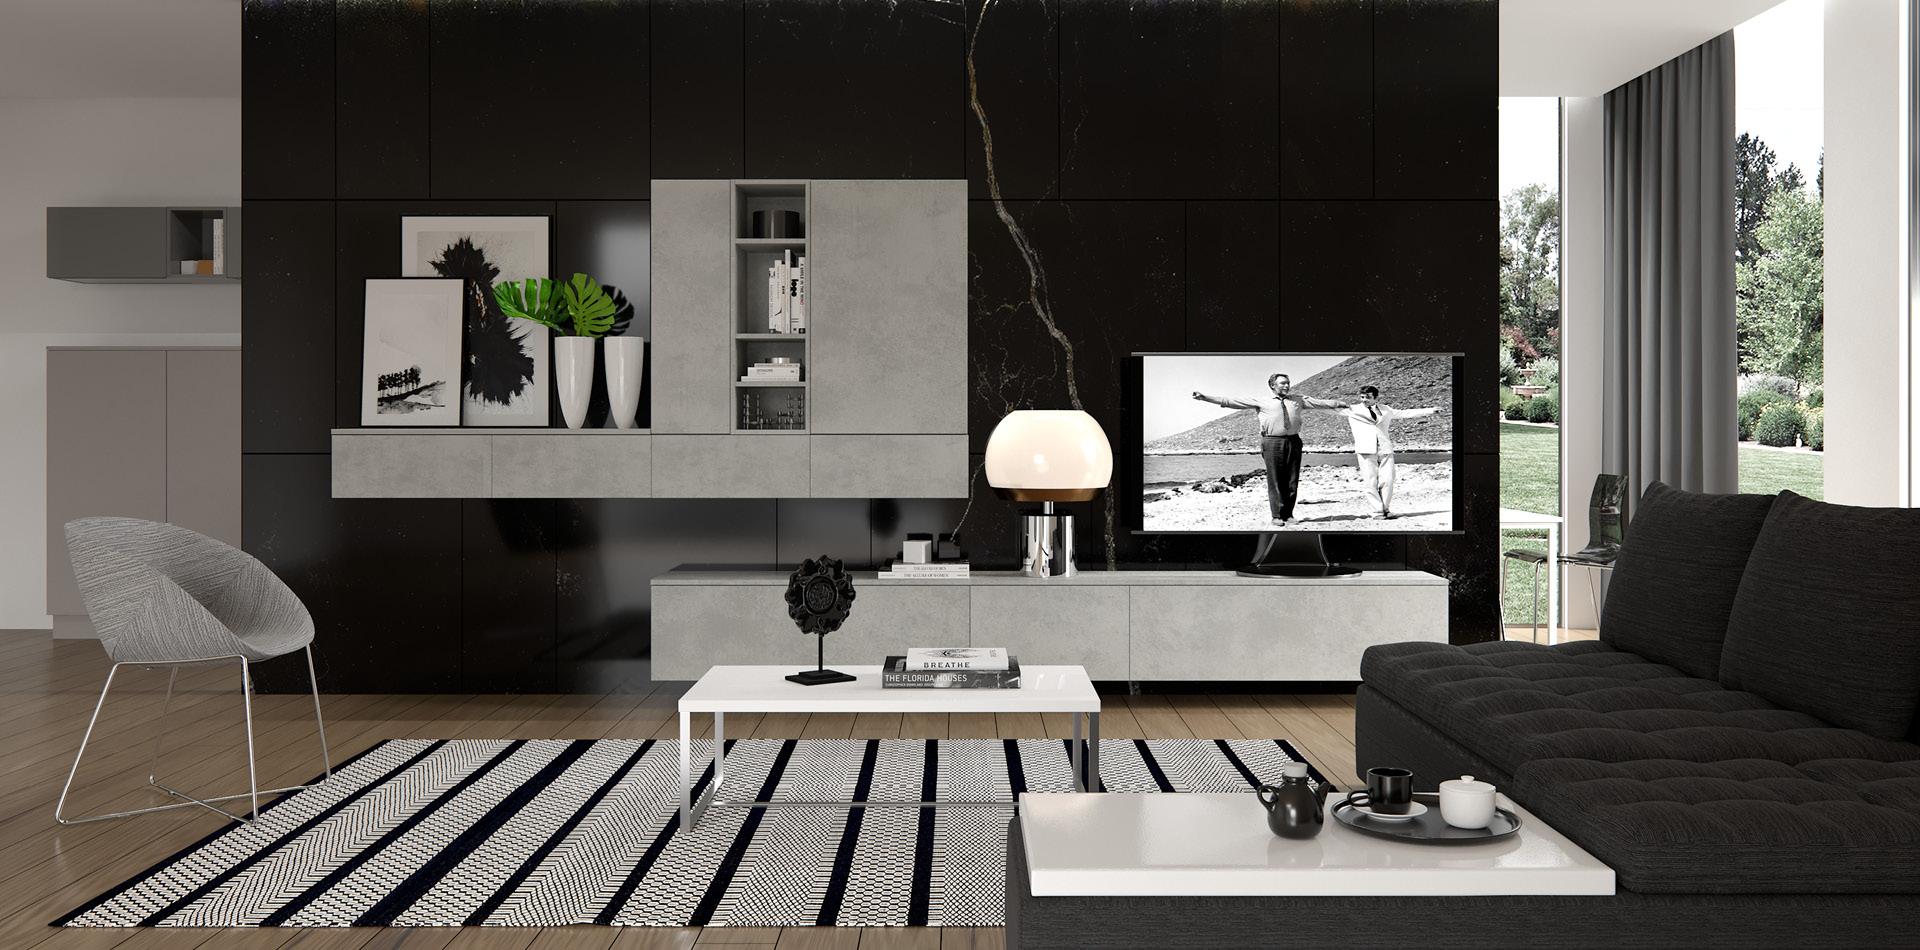 Centro-Shades of Grey